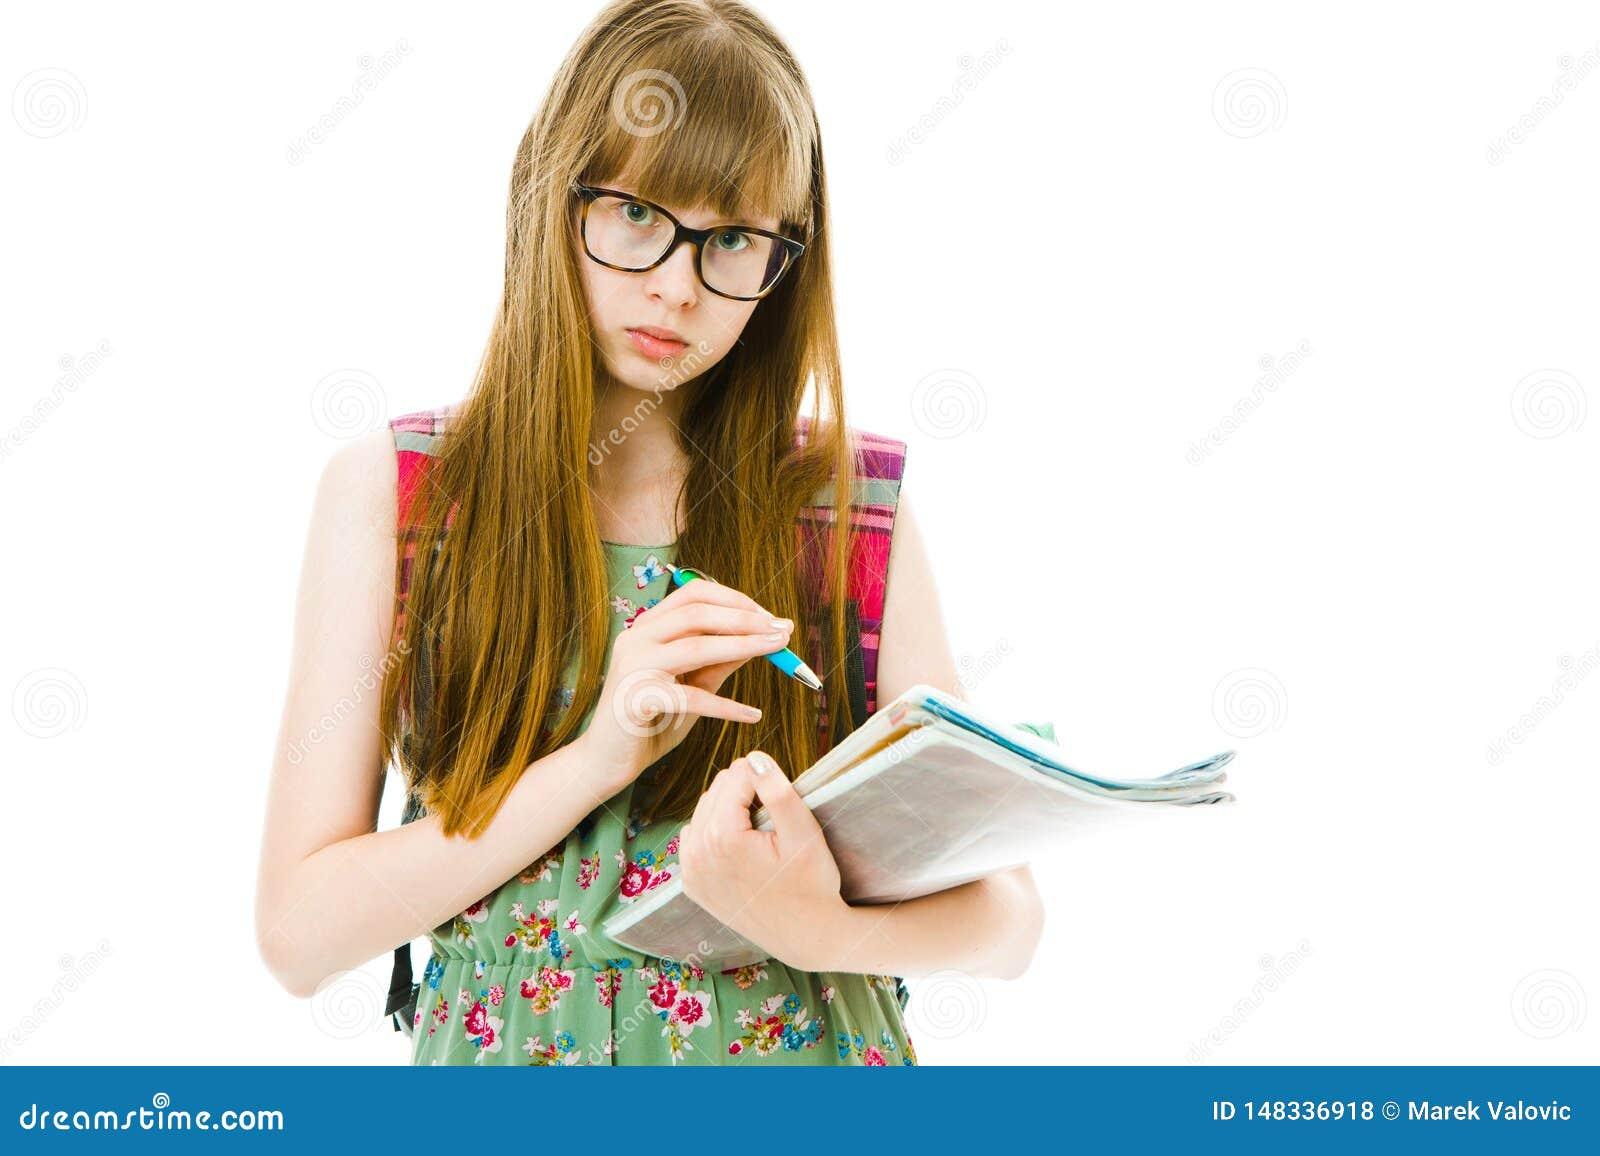 Teenagedstudente in groene kleding met boekjes - nota s